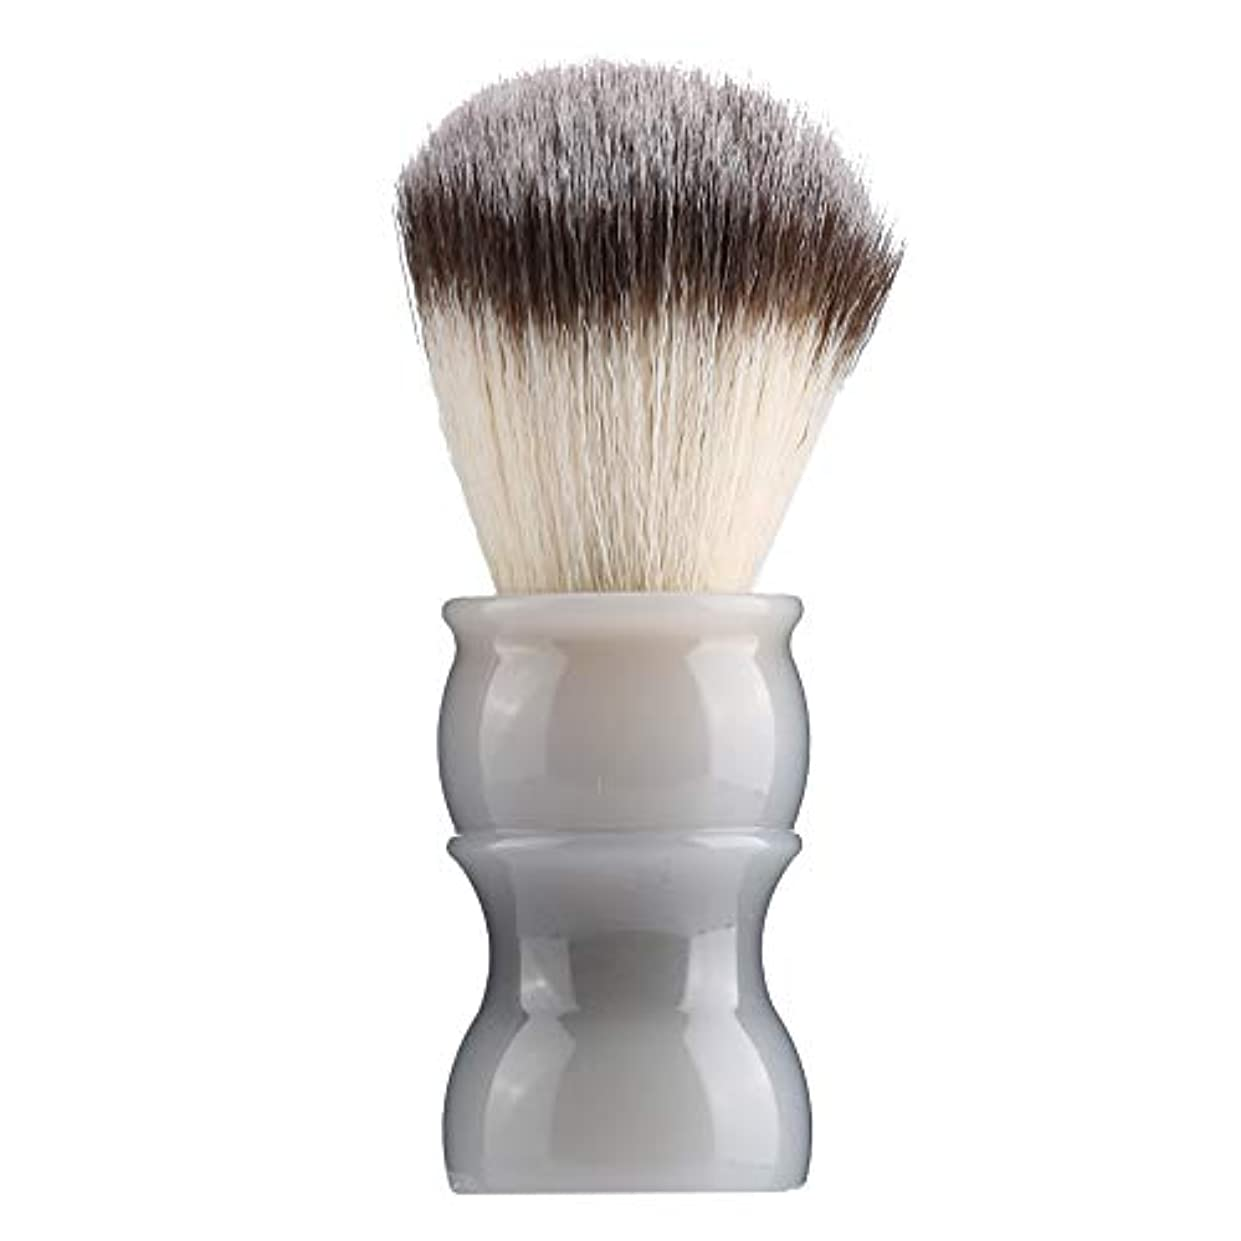 にぎやかばかくしゃみ専門の手動ひげの剃るブラシ、密集したナイロン毛のきれいな人の口ひげのブラシ家および旅行のための携帯用メンズひげのブラシ(#4)